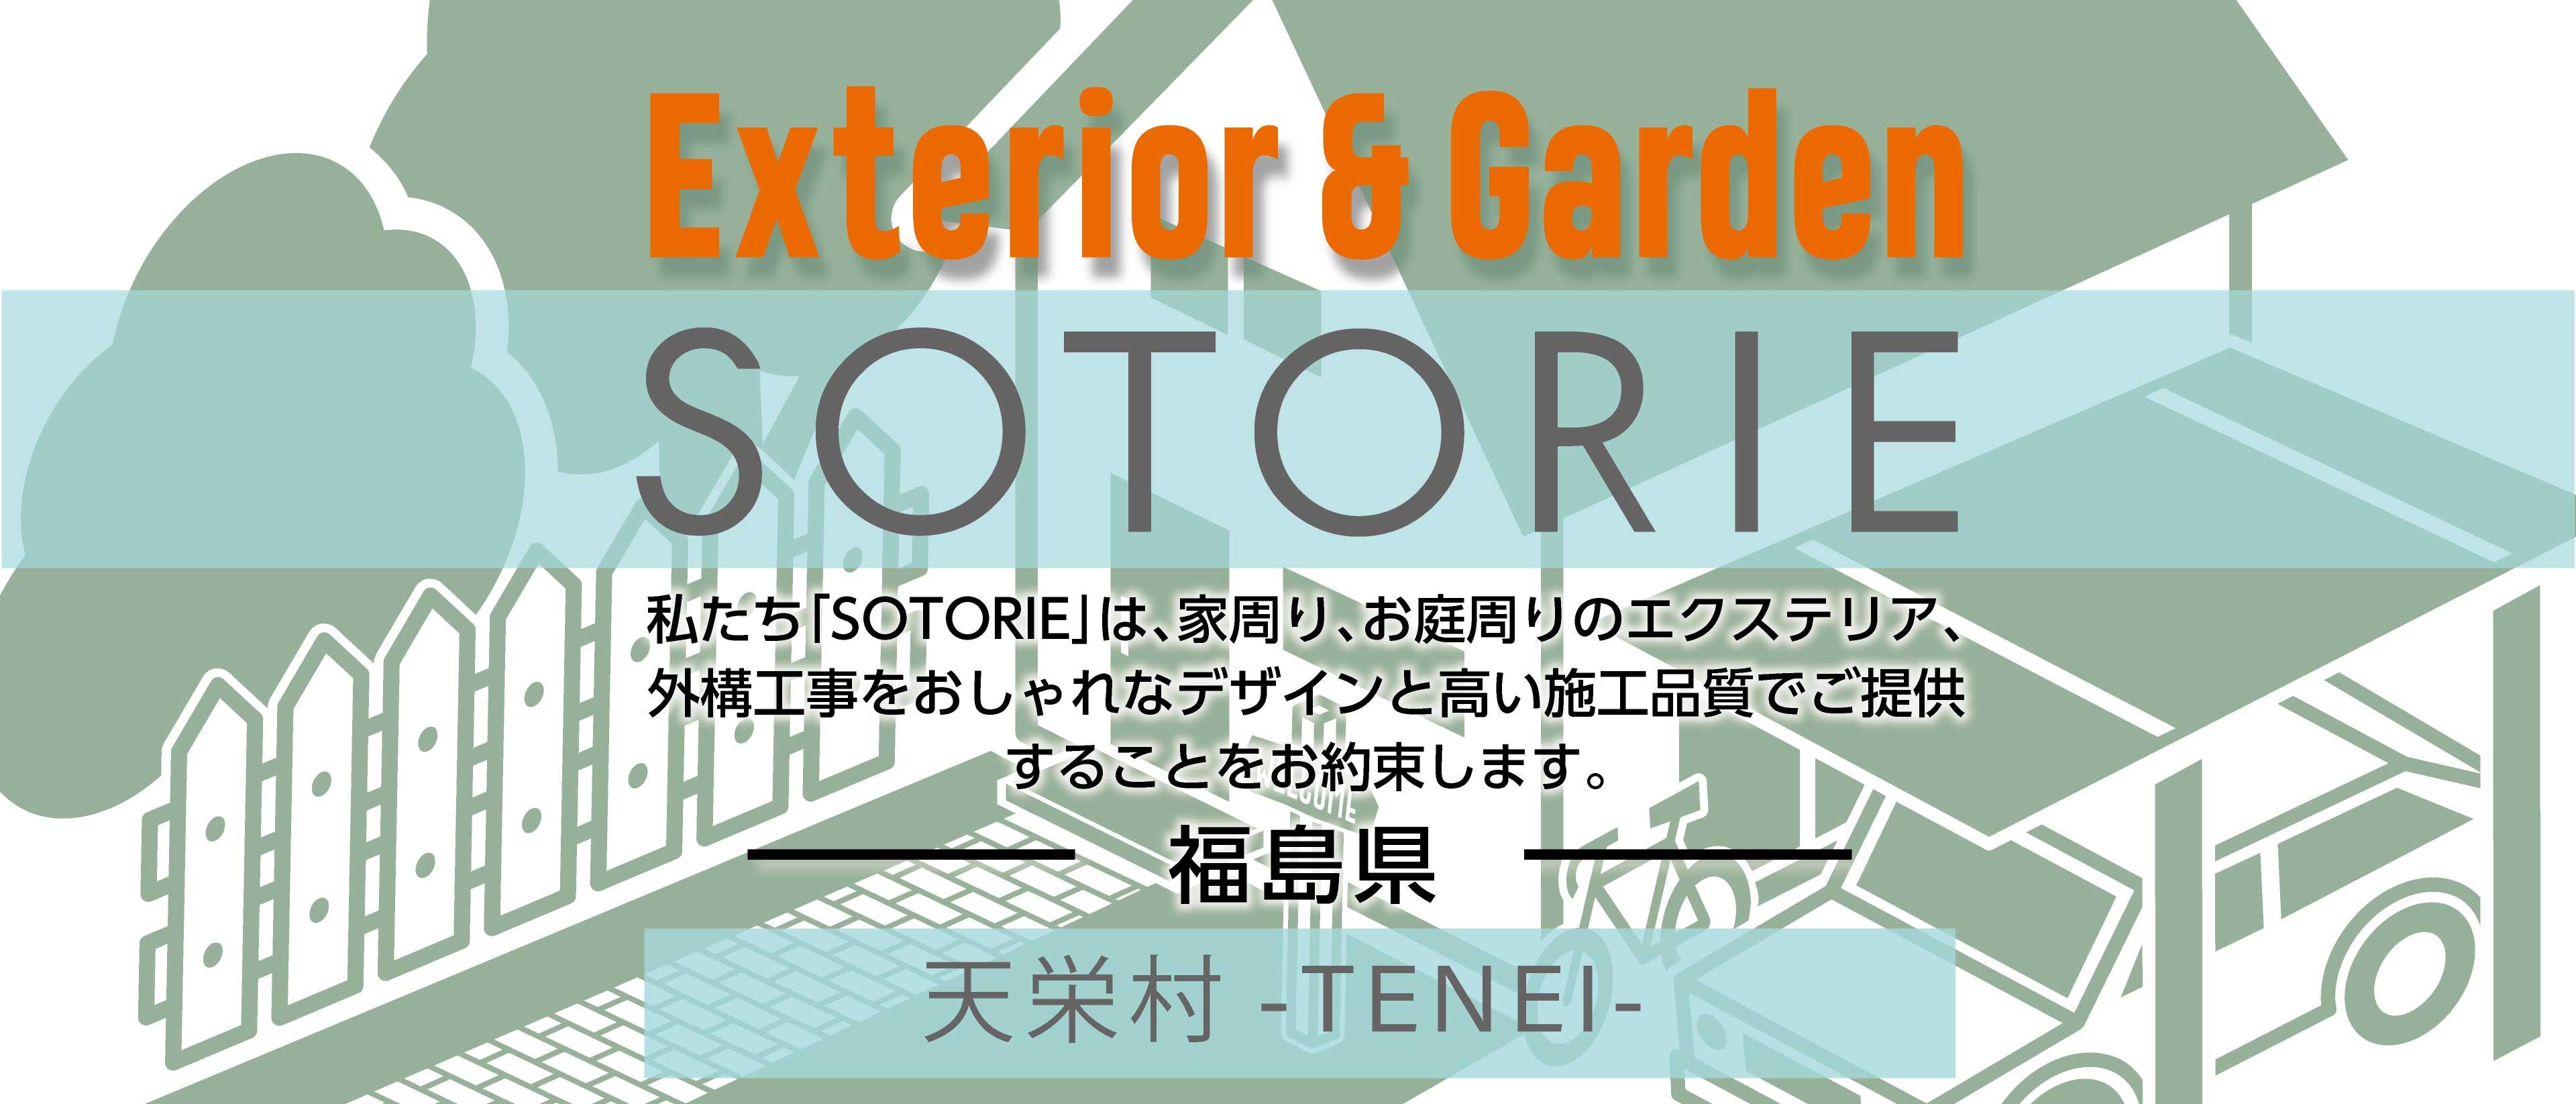 ソトリエ天栄村では、家周りと庭周りの外構、エクステリア工事をおしゃれなデザインと高い施工品質でご提供することをお約束します。